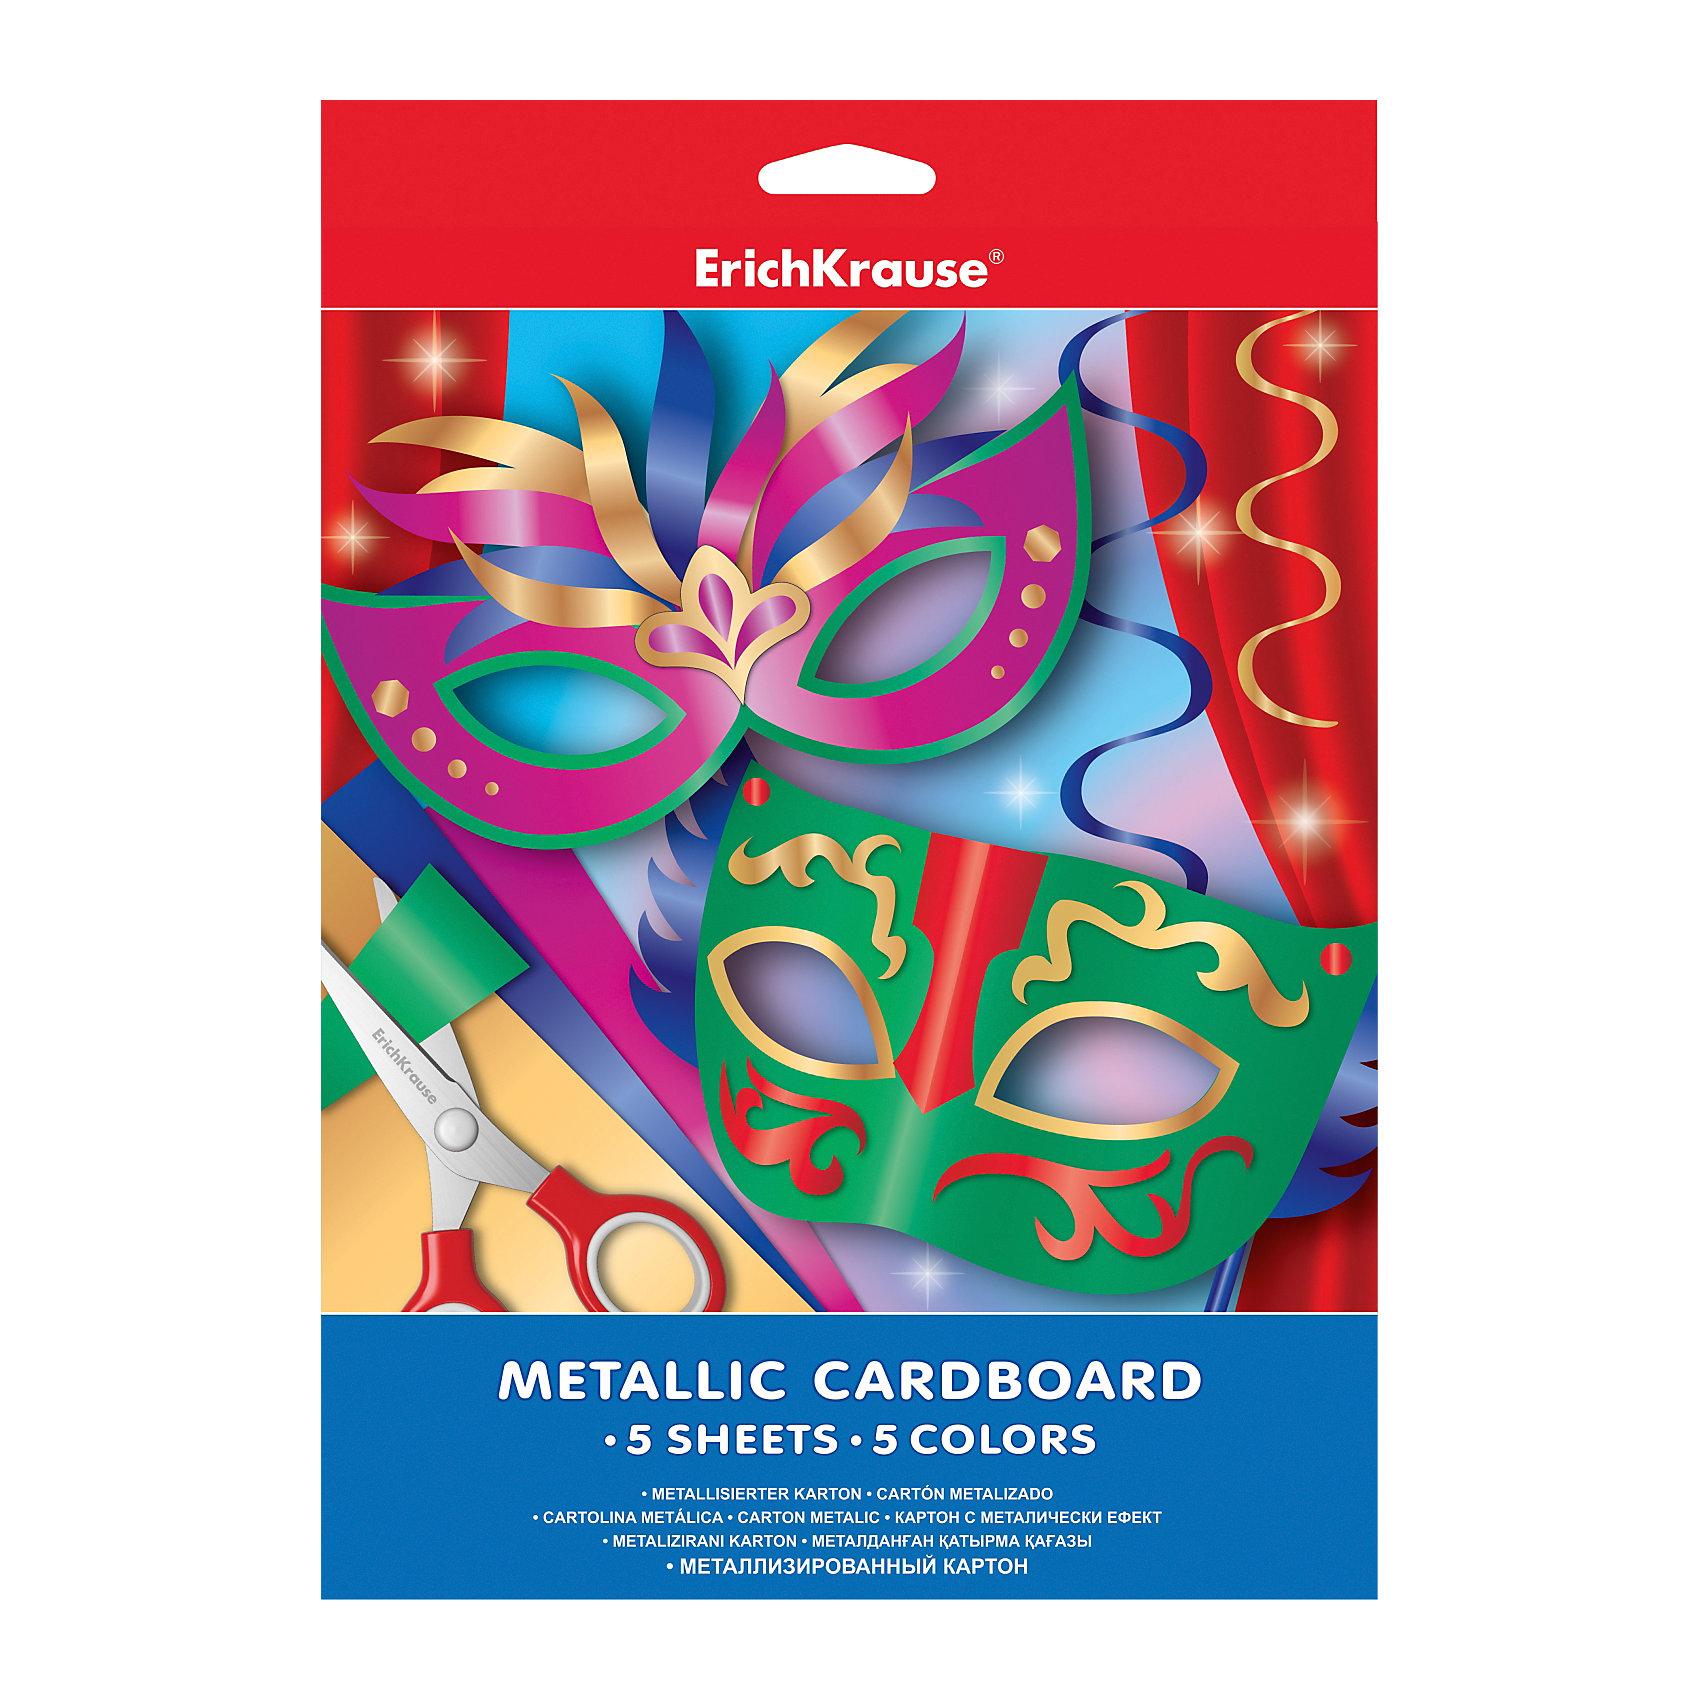 Металлизированный картон А4 (5 листов, 5 цветов)Металлизированный картон - оптимальное решение<br>для производства роскошной упаковки, конвертов и основы для открыток. Поделка, оформленная с помощью металлизированного картона будет выгодно выделяться и привлекать к себе внимание. Прекрасный вариант для оформления открыток к Новому Году! <br><br>Дополнительная информация:<br><br>- Материал: бумага, картон.<br>- Формат: А4.<br>- Количество листов: 5.<br>- Количество цветов: 5.<br><br>Металлизированный картон А4 (5 листов, 5 цветов), Erich Krause, можно купить в нашем магазине.<br><br>Ширина мм: 210<br>Глубина мм: 280<br>Высота мм: 5<br>Вес г: 108<br>Возраст от месяцев: 36<br>Возраст до месяцев: 108<br>Пол: Унисекс<br>Возраст: Детский<br>SKU: 4379666